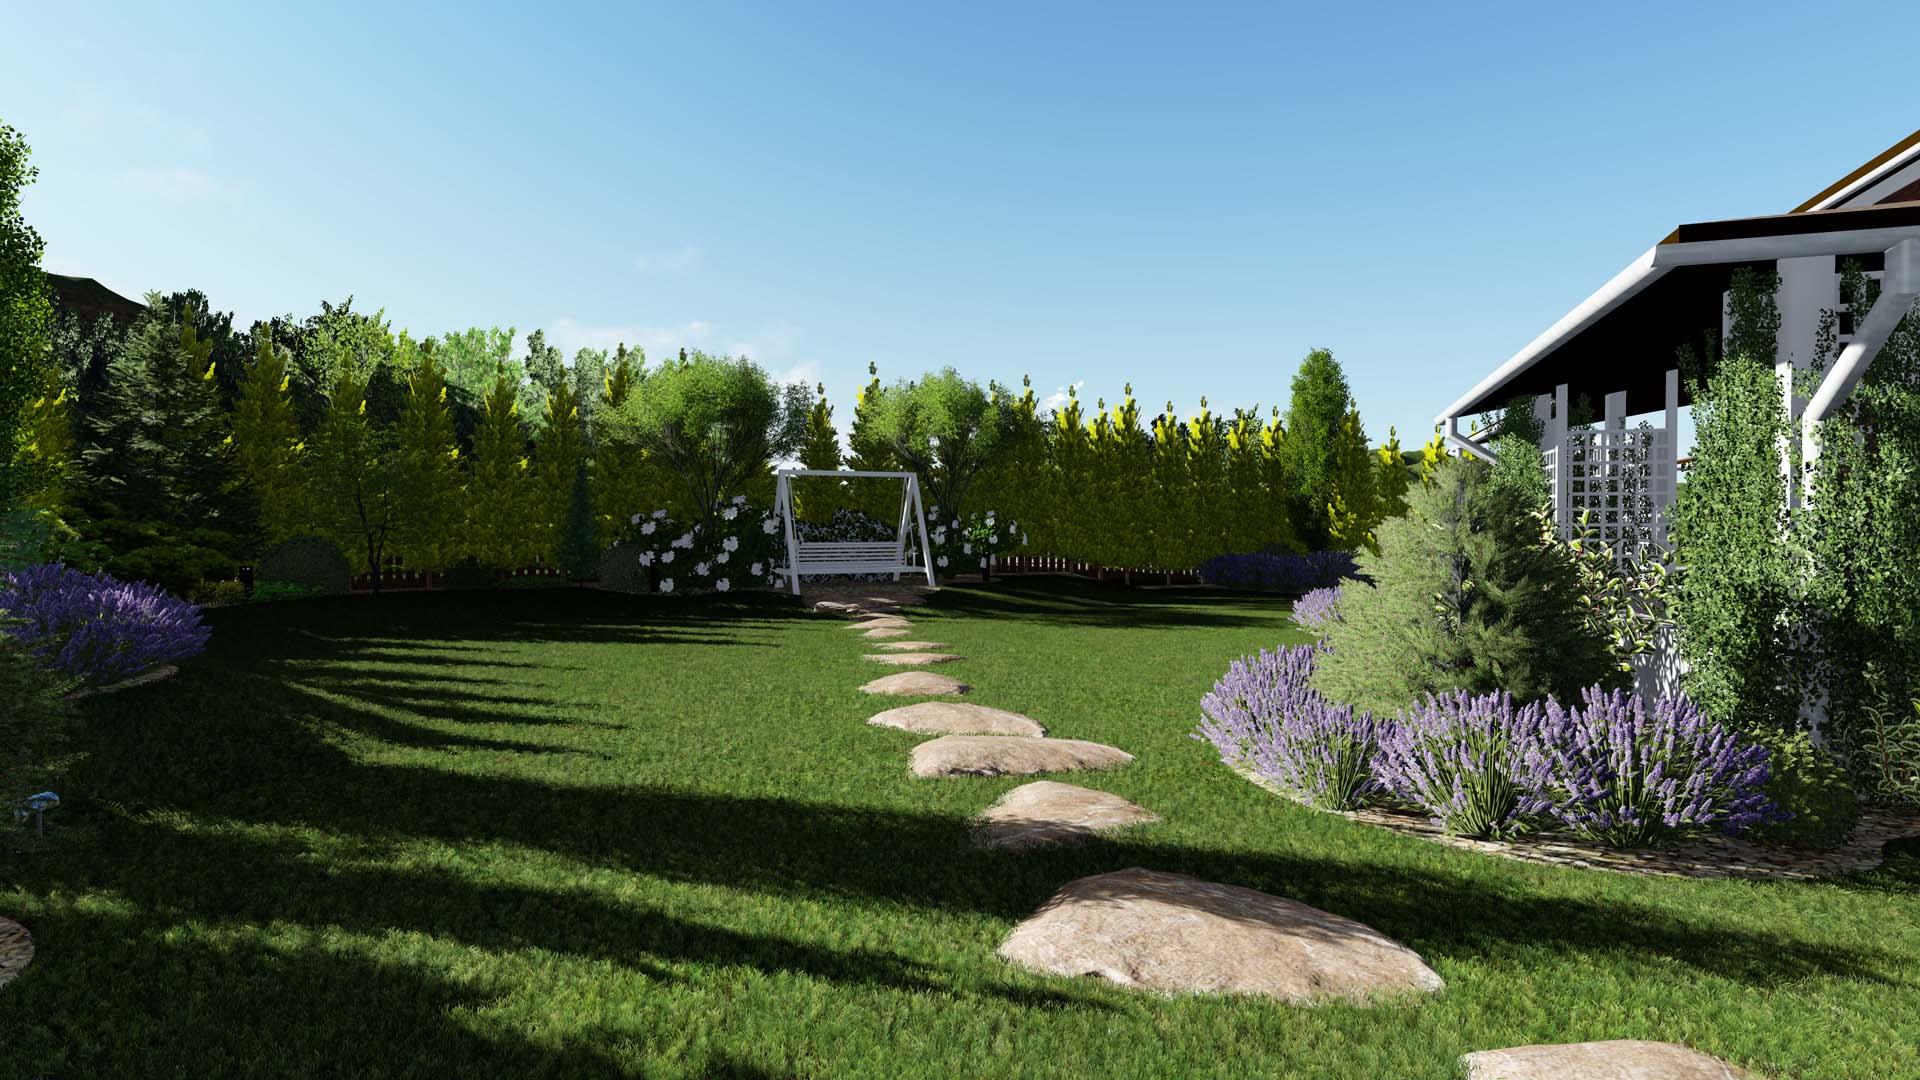 Ландшафтное проектирование территории участка в КГ Green hills